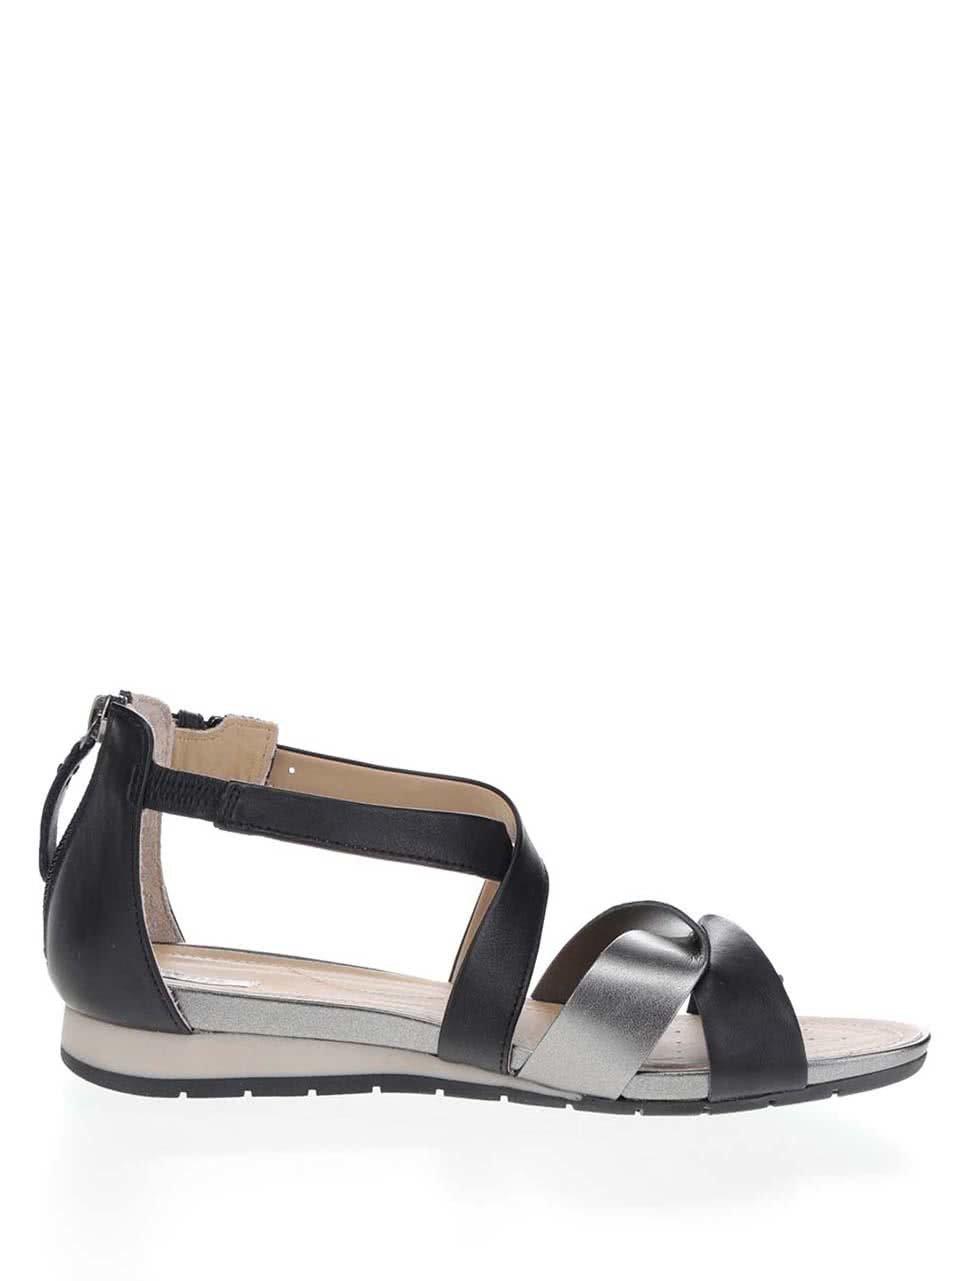 65eda7a374fa Sivo-čierne dámske kožené sandále Geox Formosa ...